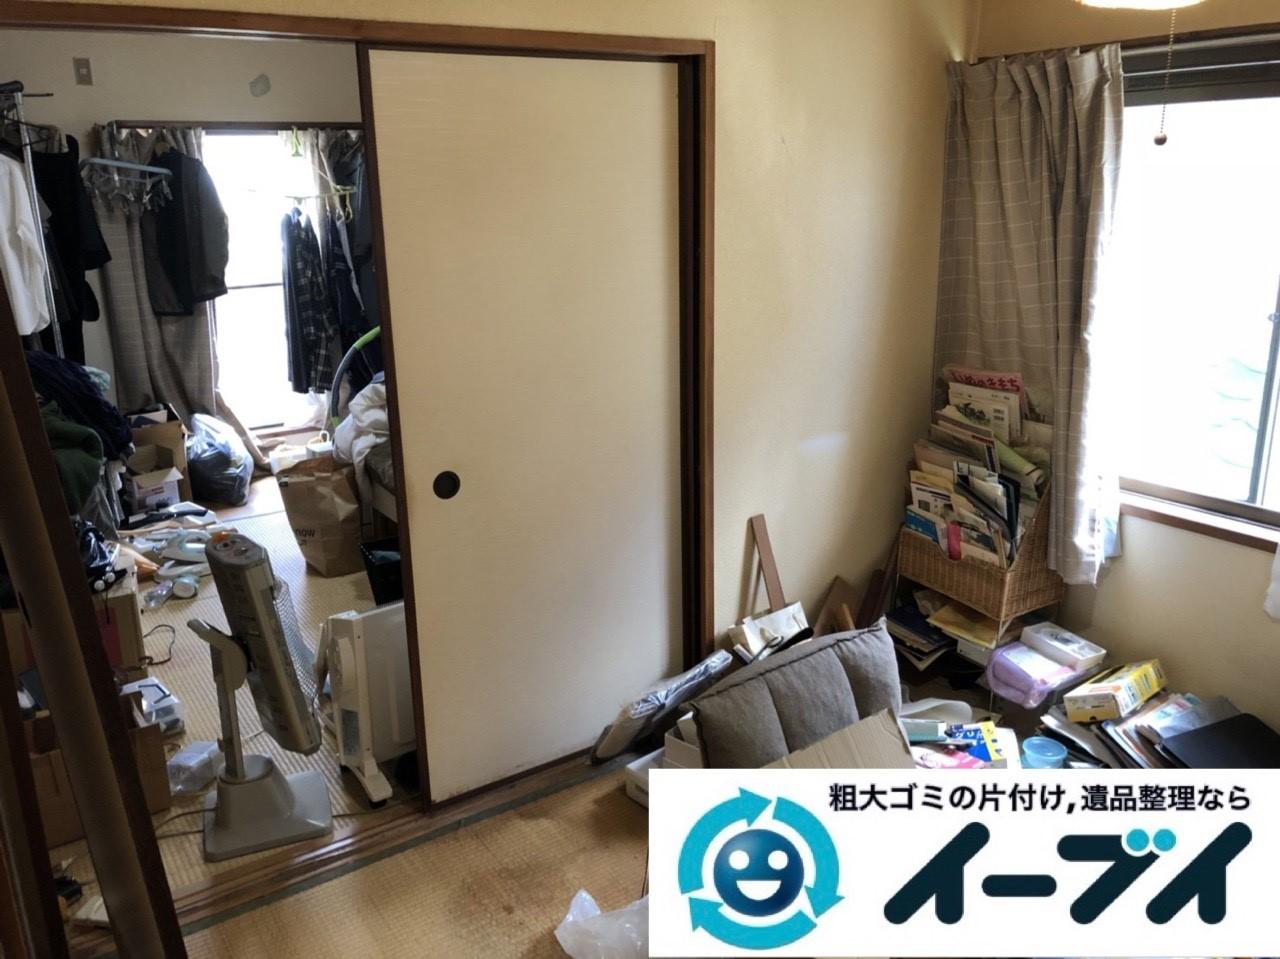 2019年1月10日大阪府八尾市で衣類や雑ゴミが散乱したプチゴミ屋敷の片付け作業。写真1